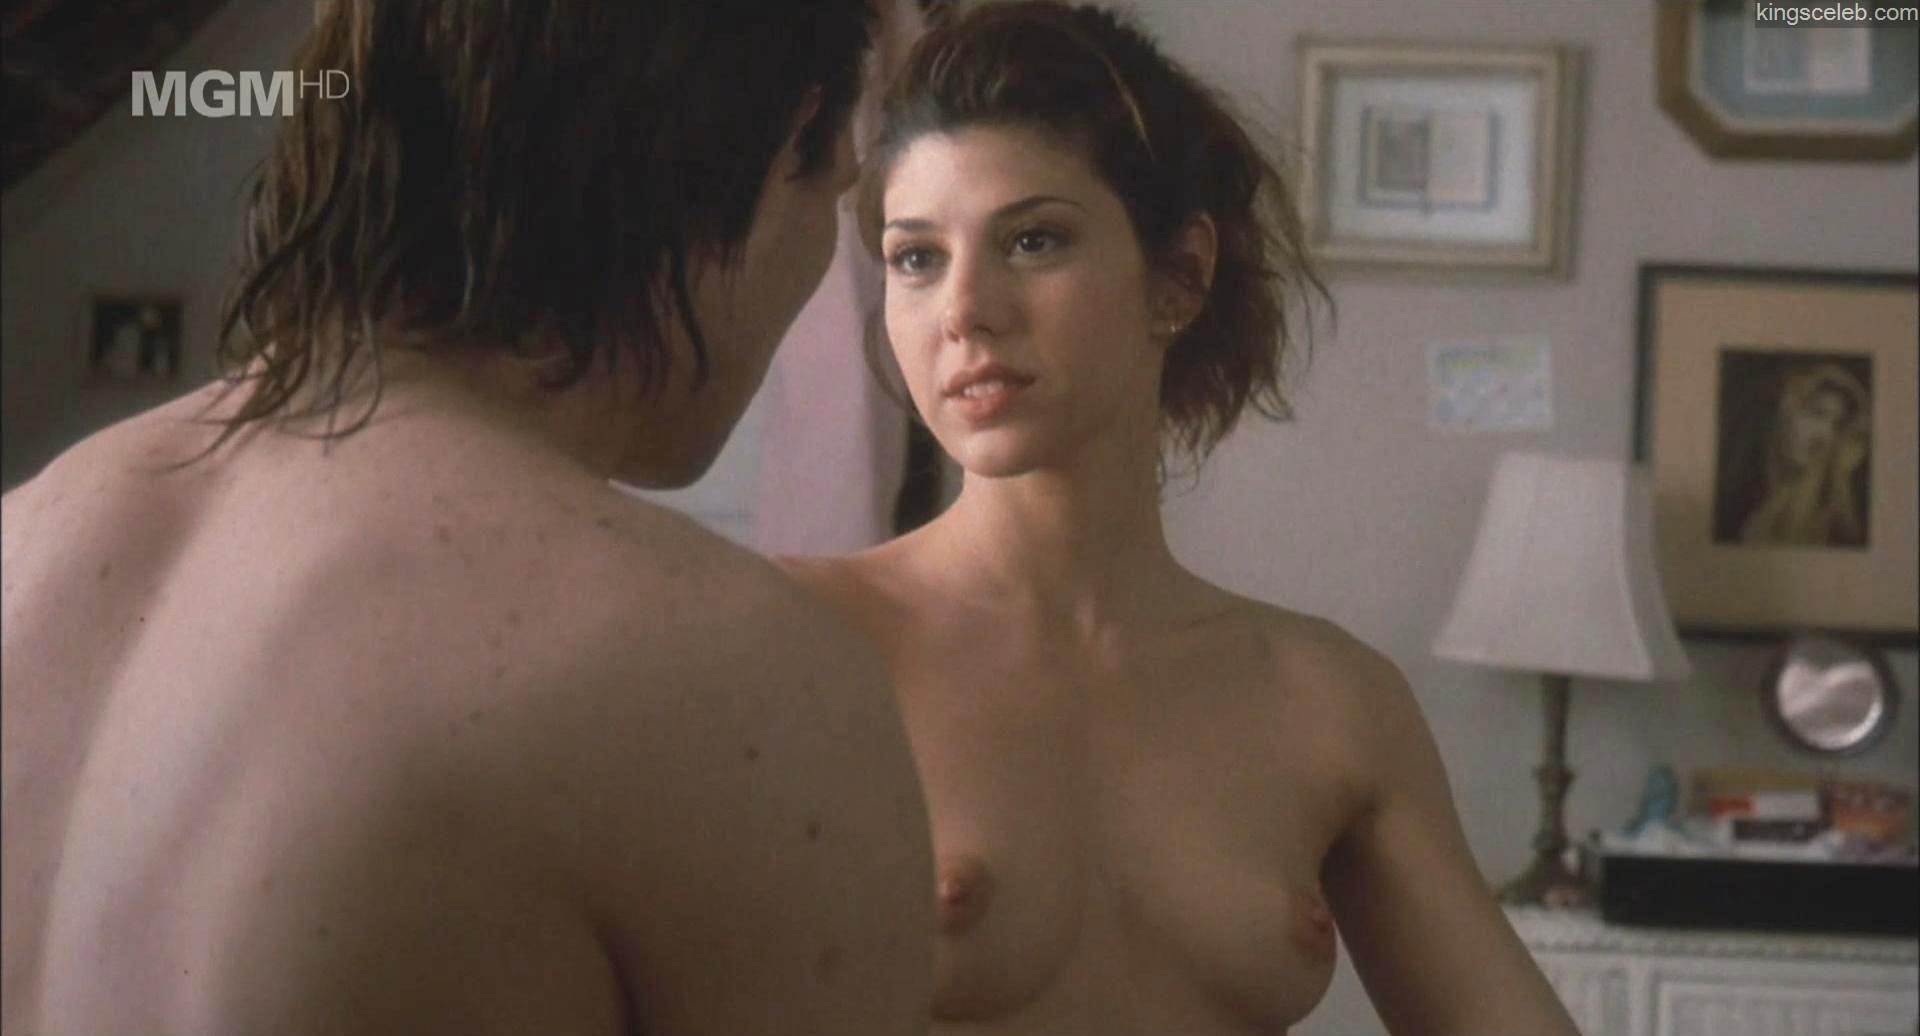 marisa-tomei-movie-sex-scenes